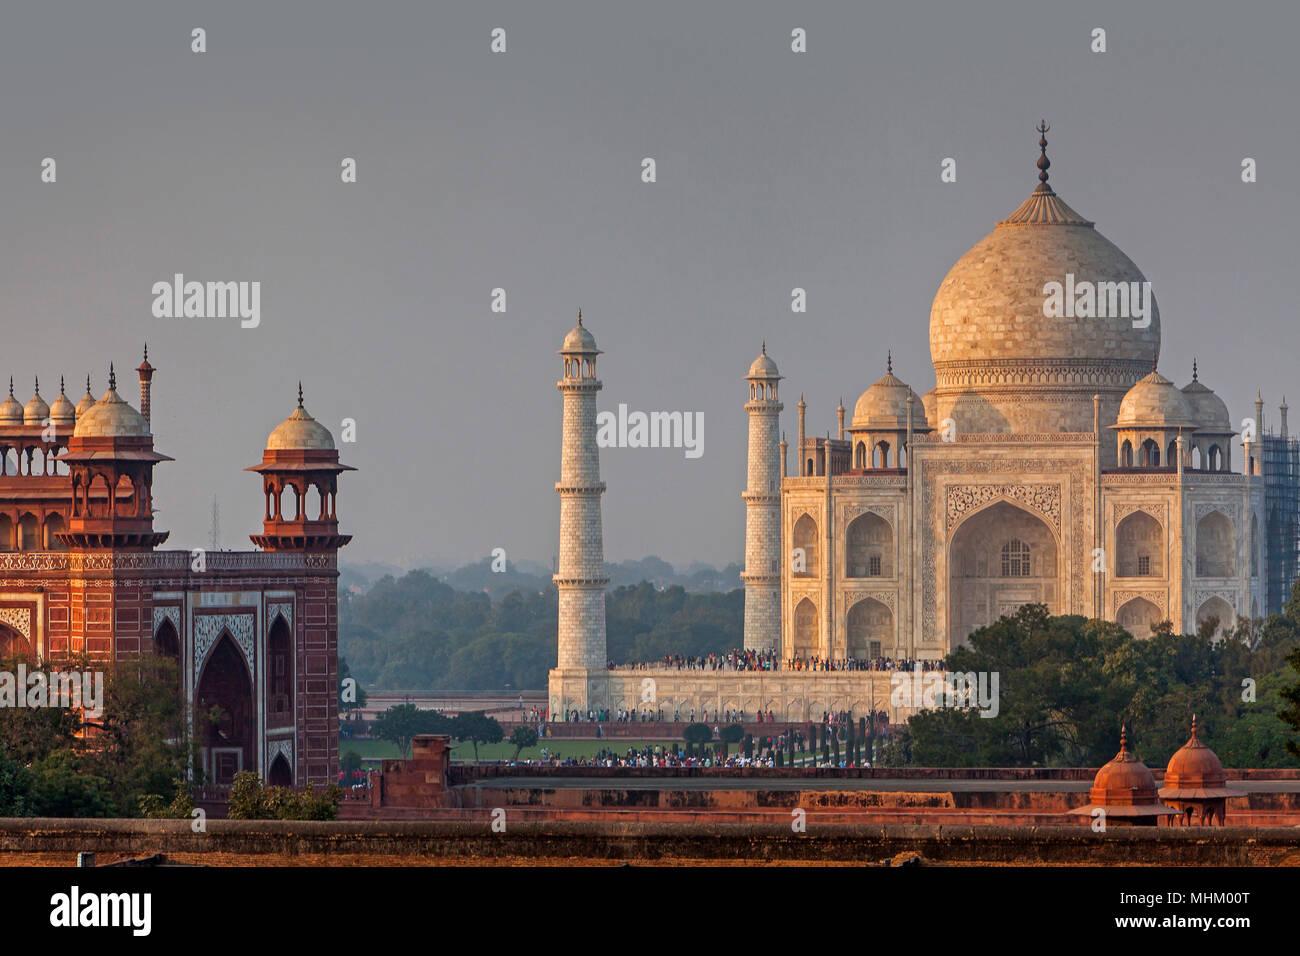 Taj Mahal, Sito Patrimonio Mondiale dell'UNESCO, Agra, Uttar Pradesh, India Immagini Stock